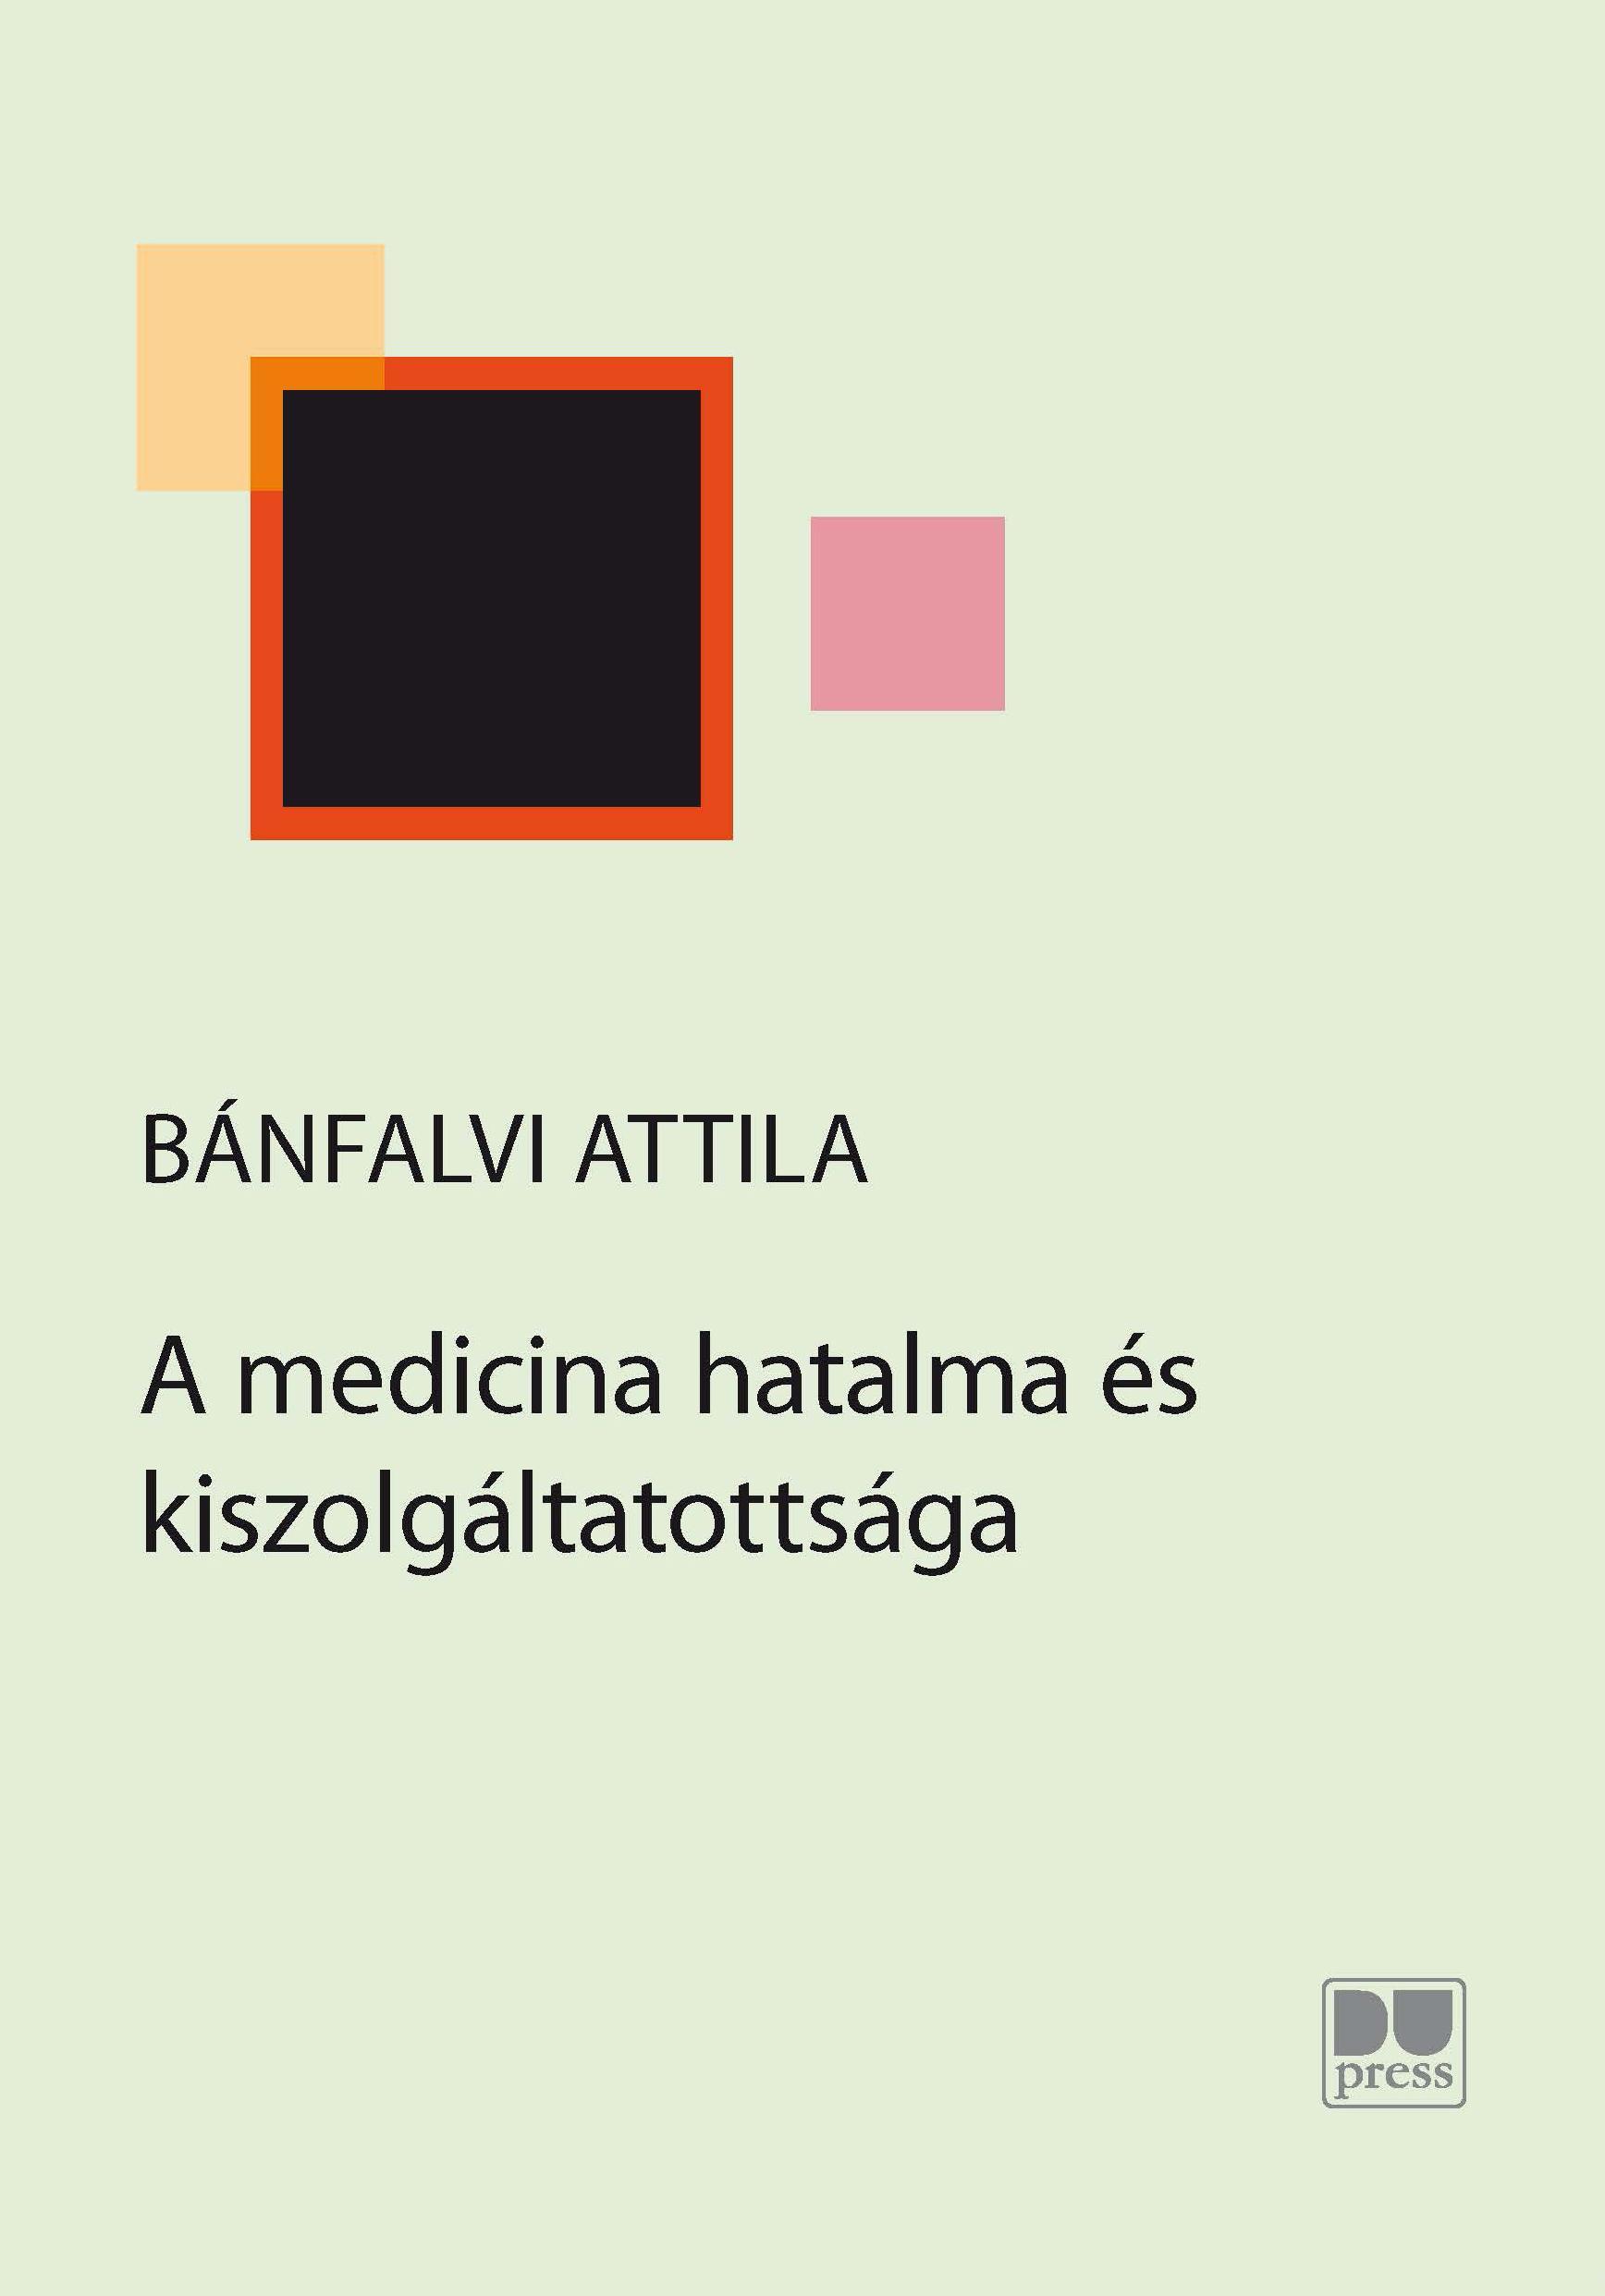 BÁNFALVI ATTILA - A MEDICINA HATALMA ÉS KISZOLGÁLTATOTTSÁGA